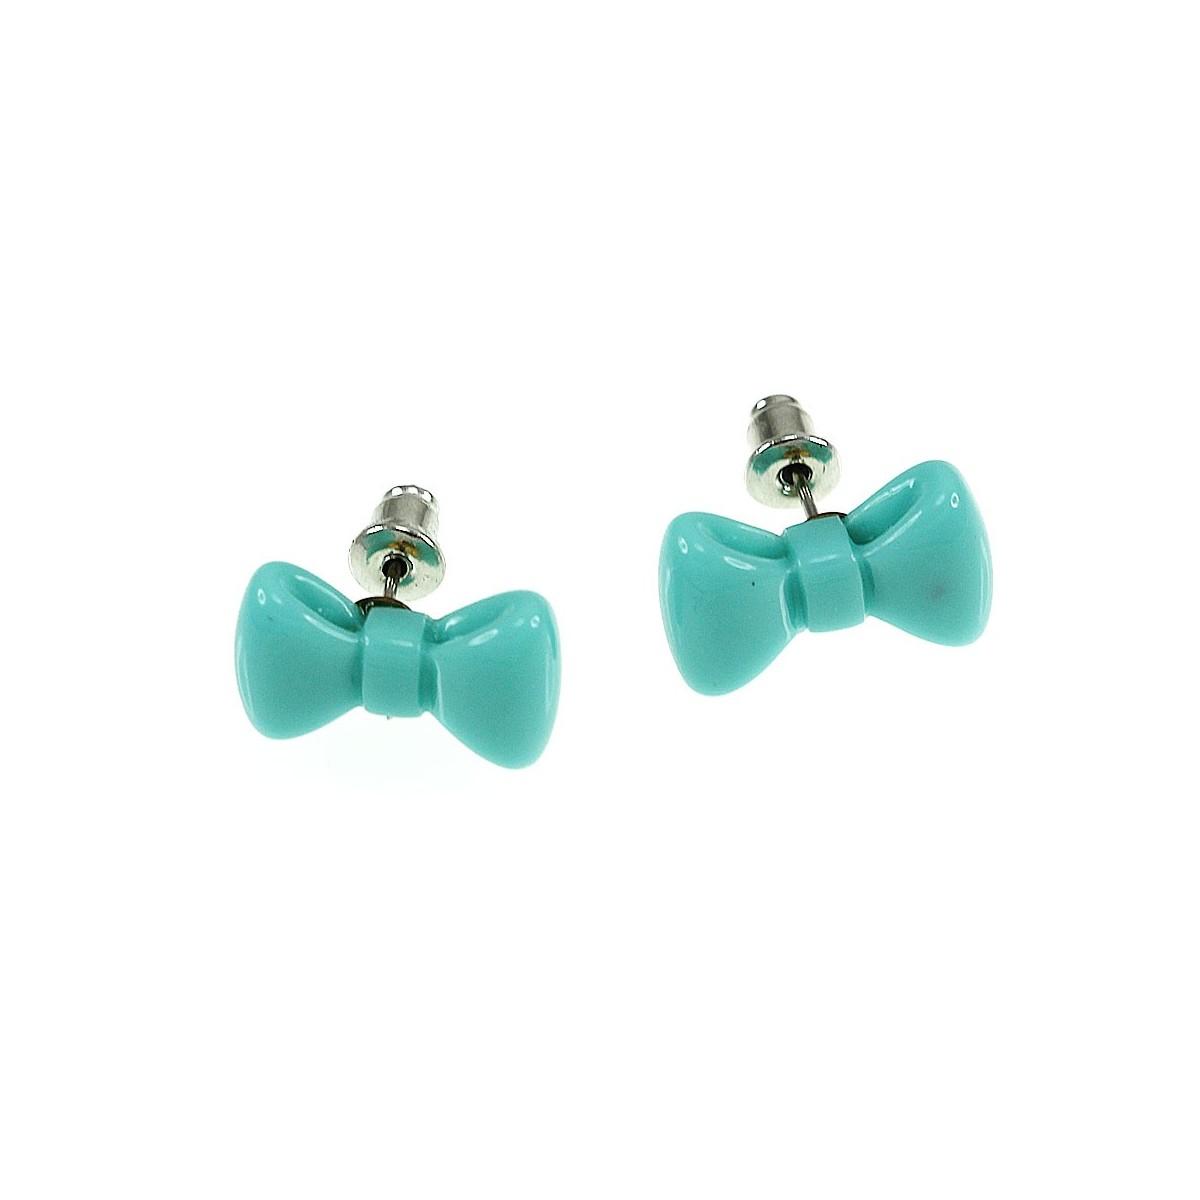 B553 bleu turquoise Boucles d'oreilles noeud papillon bleu